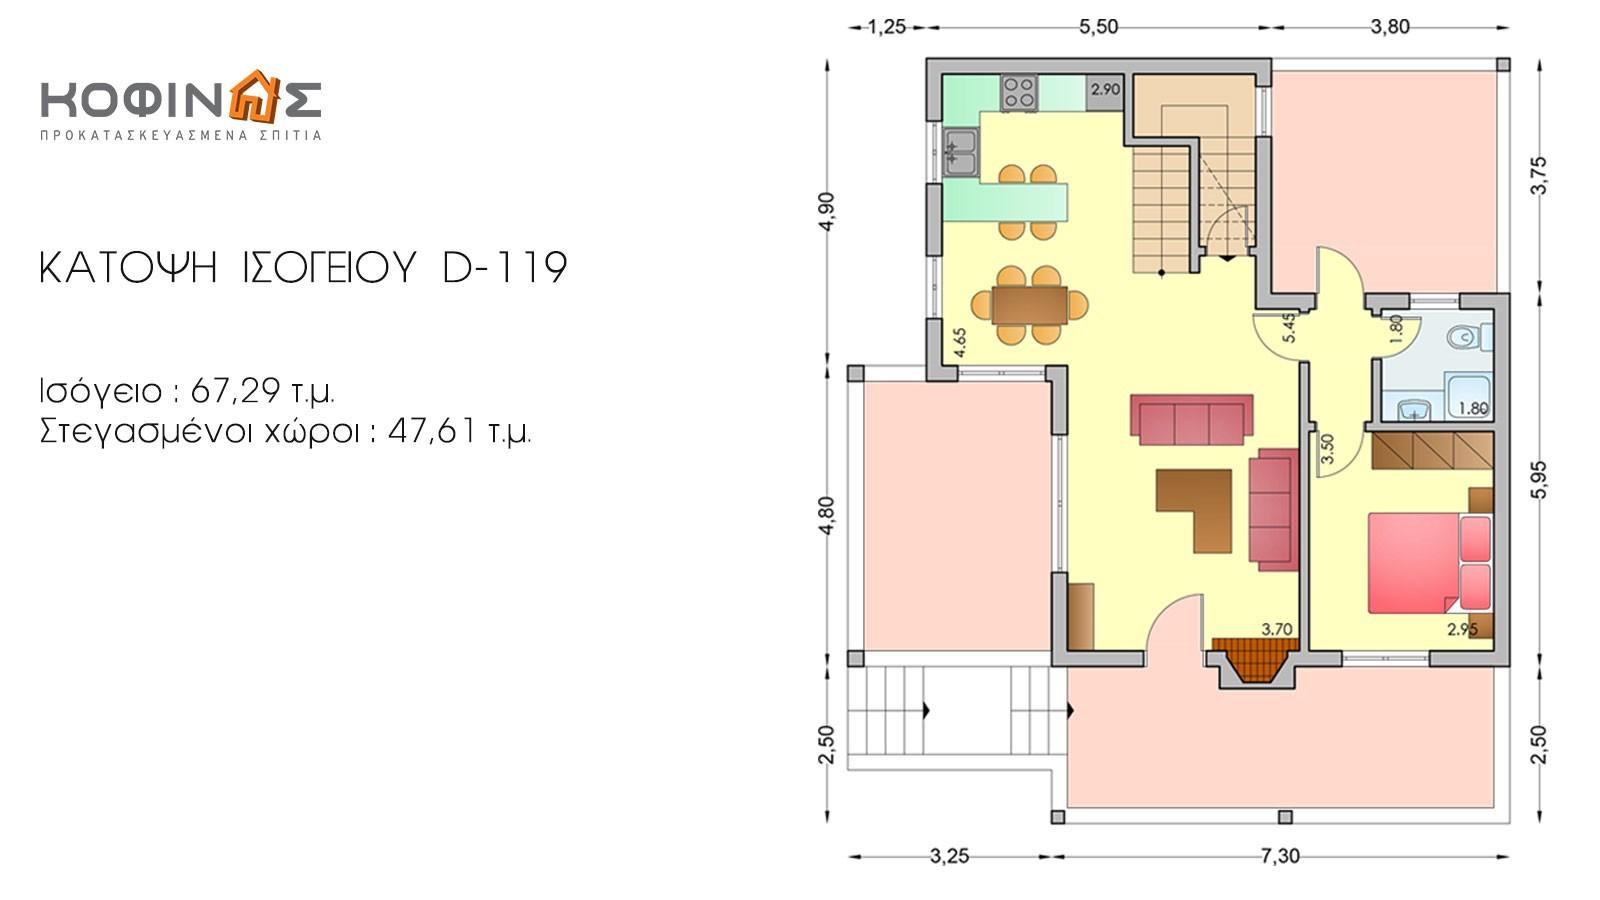 Διώροφη Κατοικία D-119, συνολικής επιφάνειας 119,35 τ.μ.